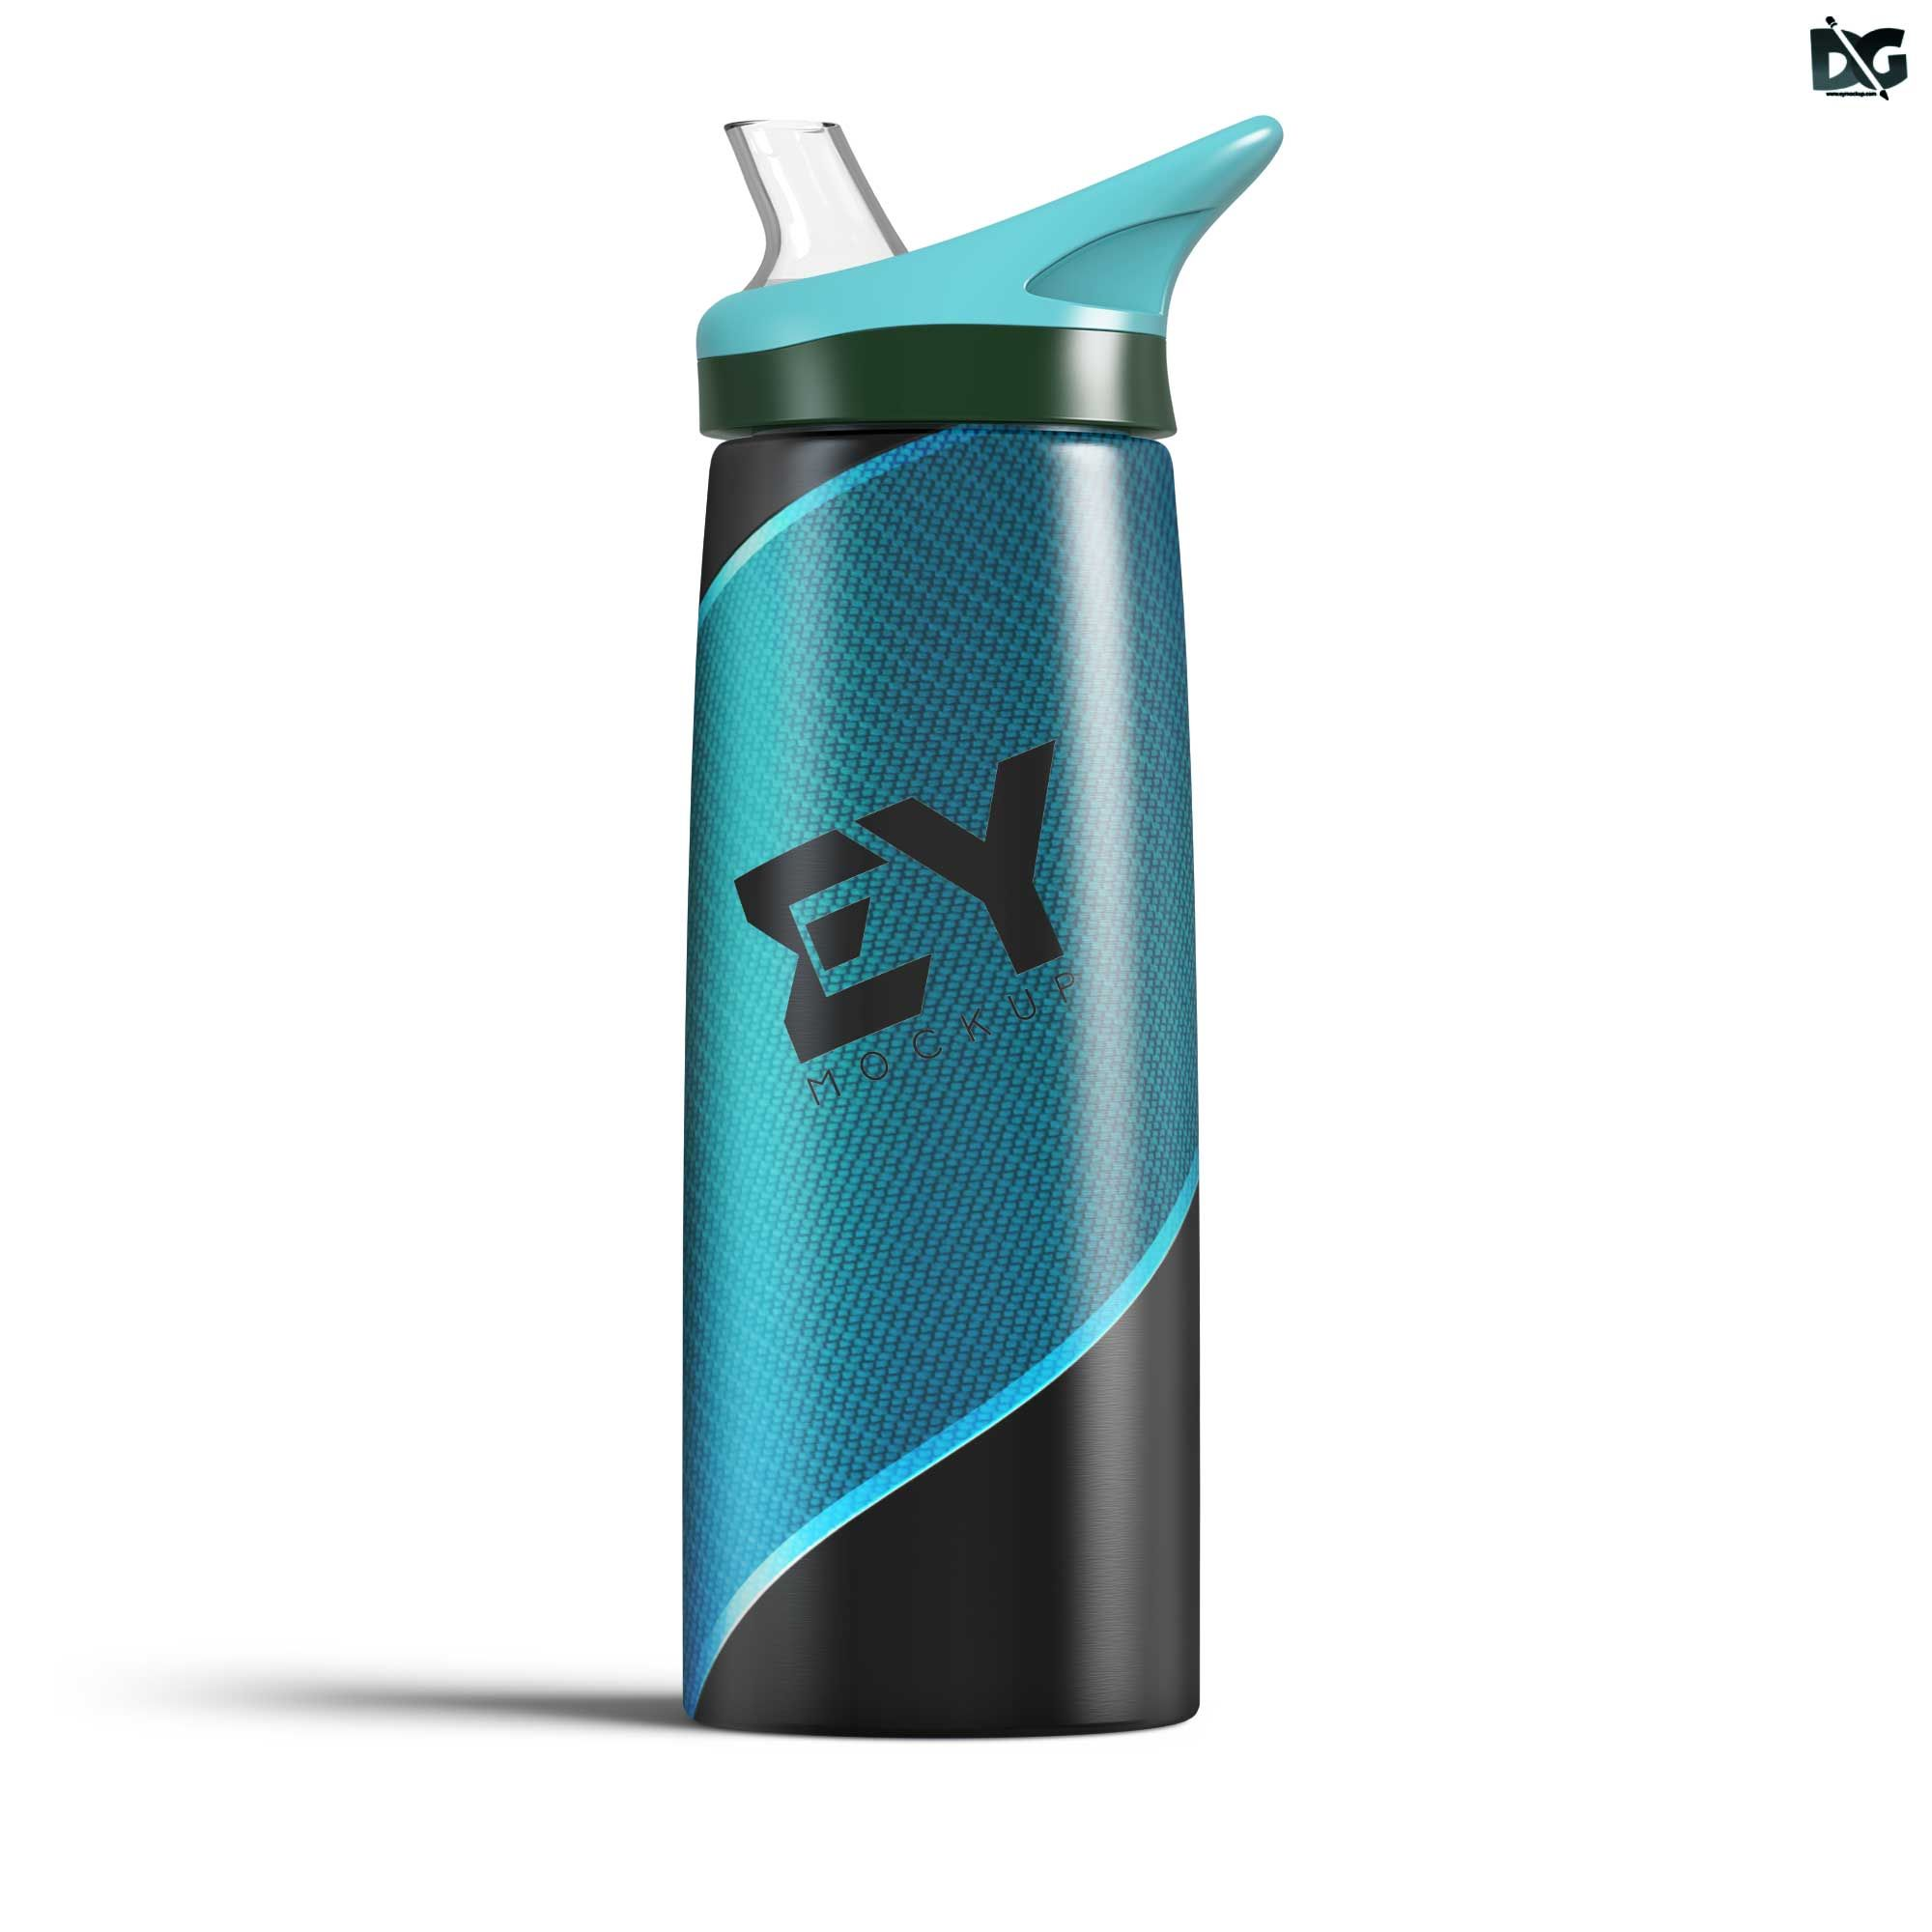 Download Free Sports Water Bottle Mockup Freedownload Mockups Psddownload Bottlemockup Mockup Free Psd Bottle Mockup Free Mockup